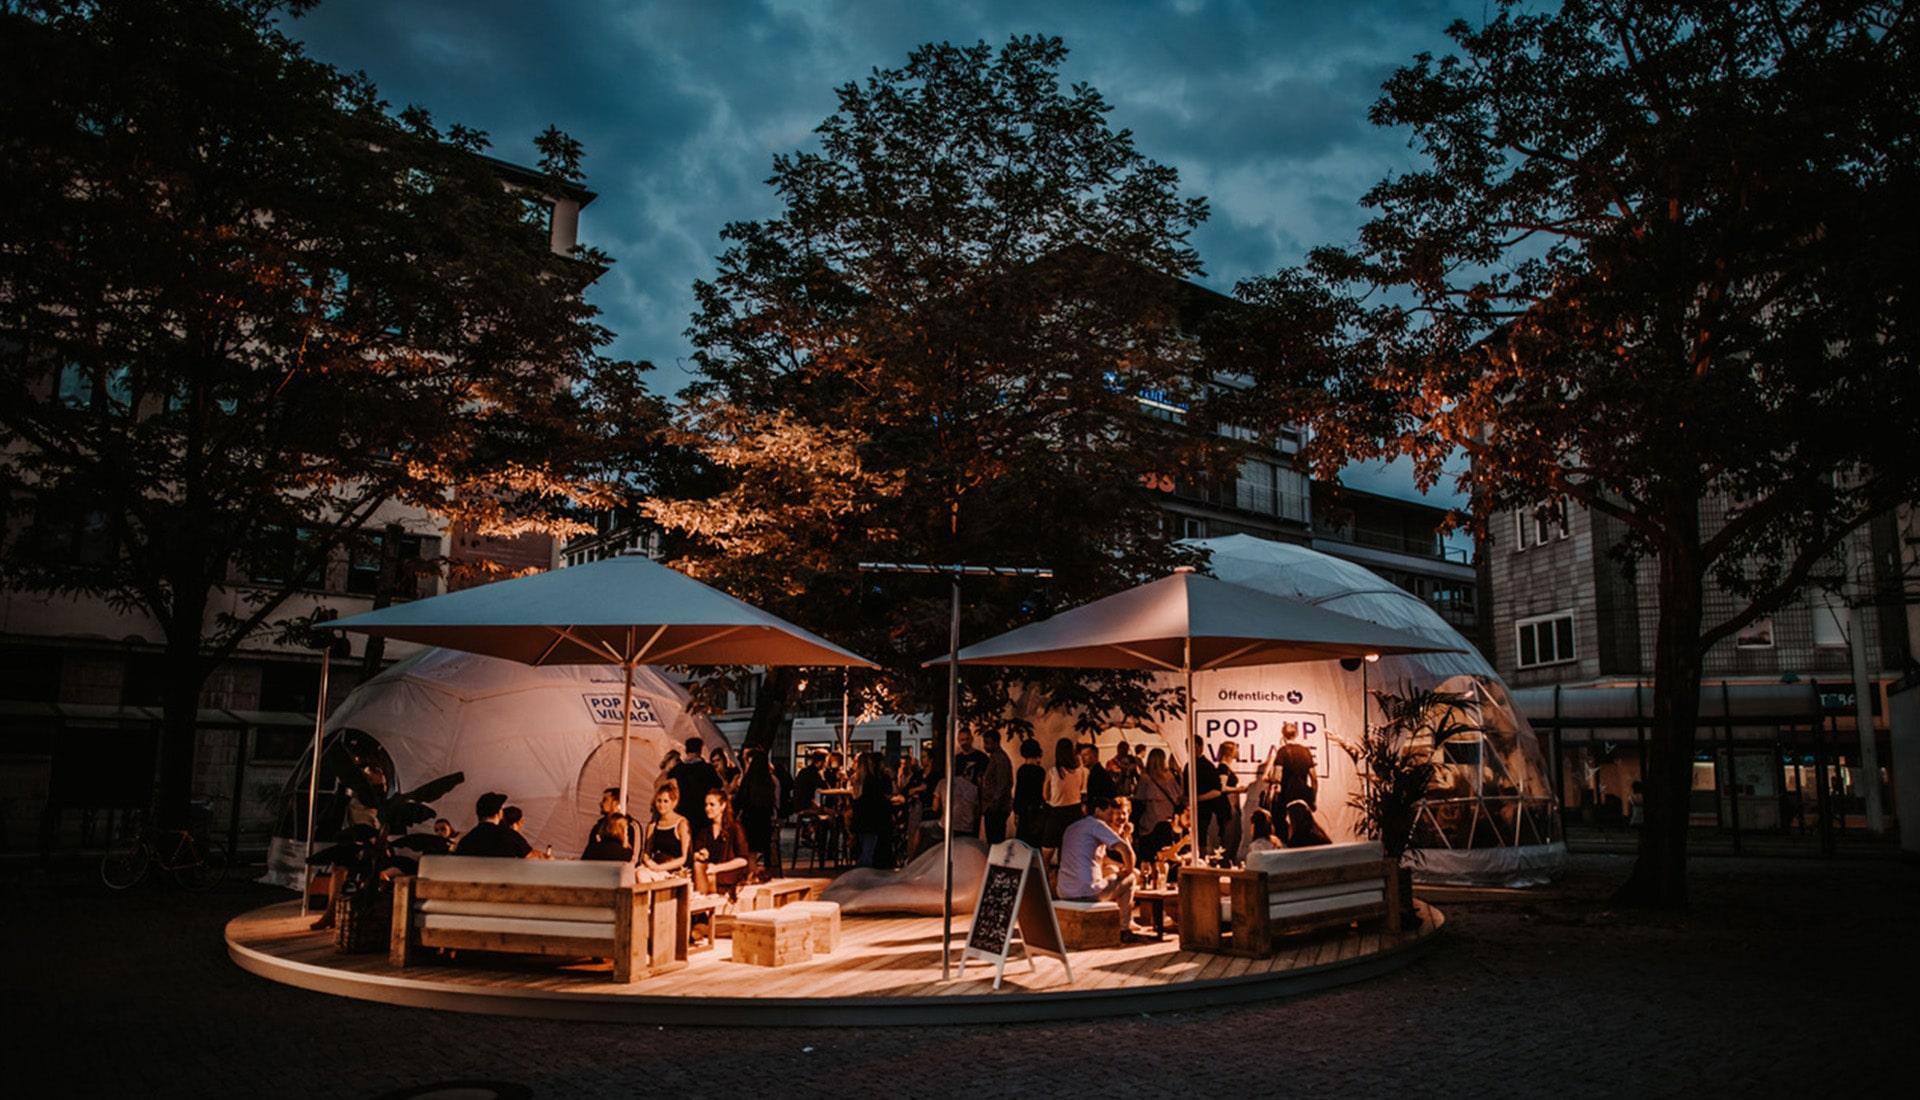 Eventplanung Pop Up Village   Eventbau   Maedebach Braunschweig  